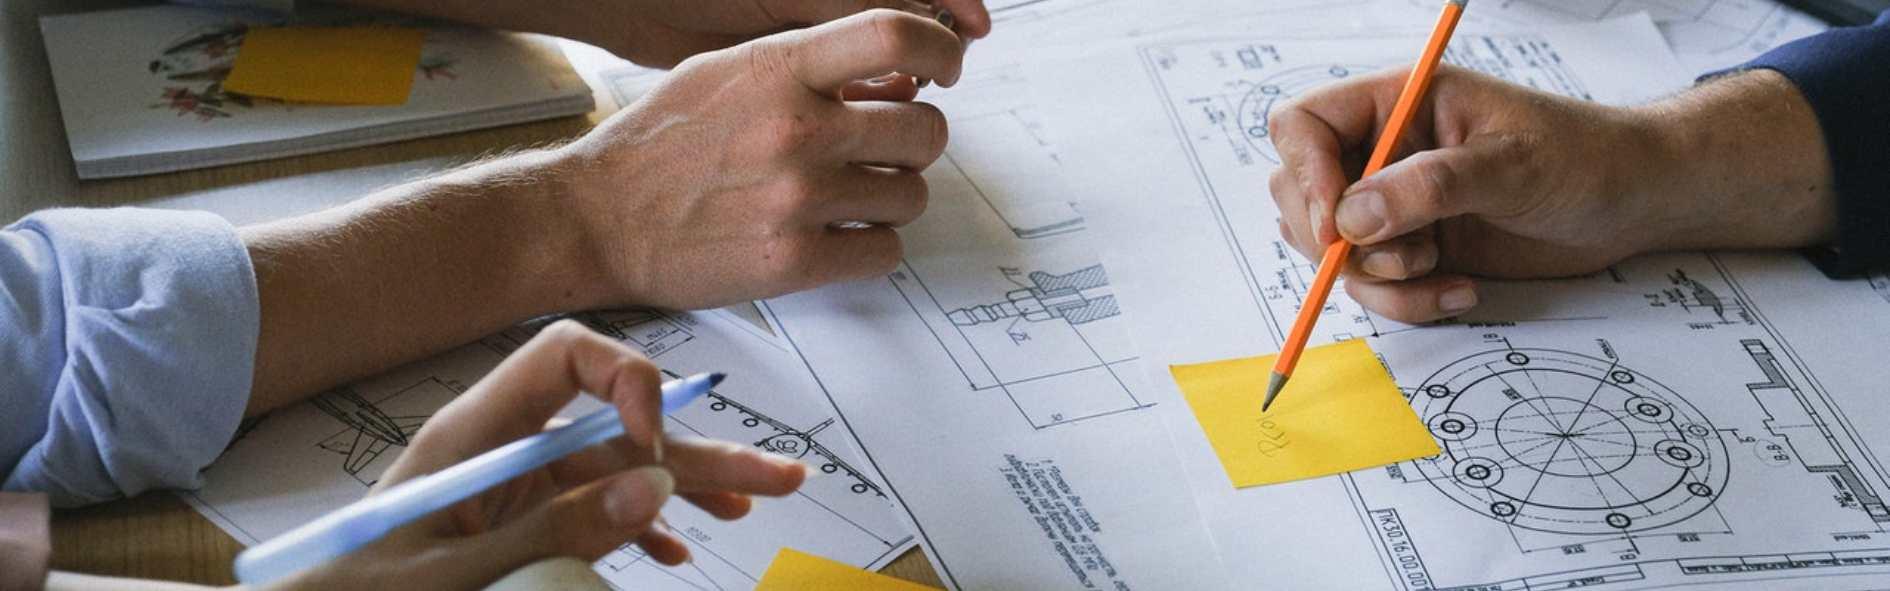 Cómo se desarrolla un proyecto de arquitectura paso a paso